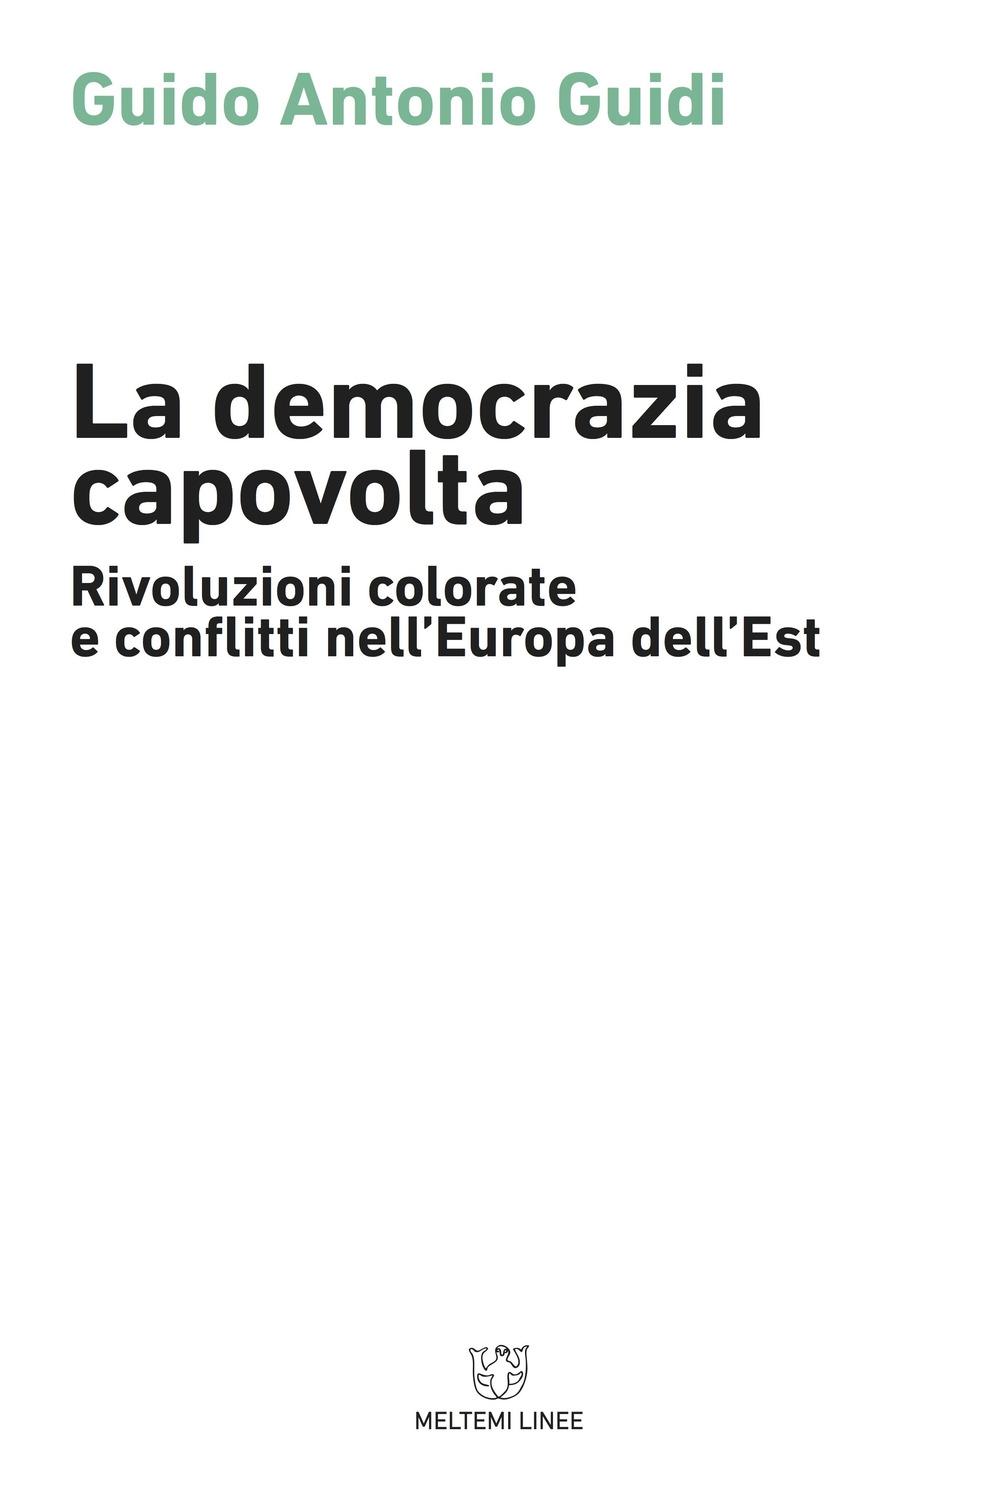 La democrazia capovolta. Rivoluzioni colorate e conflitti nell'Europa dell'est